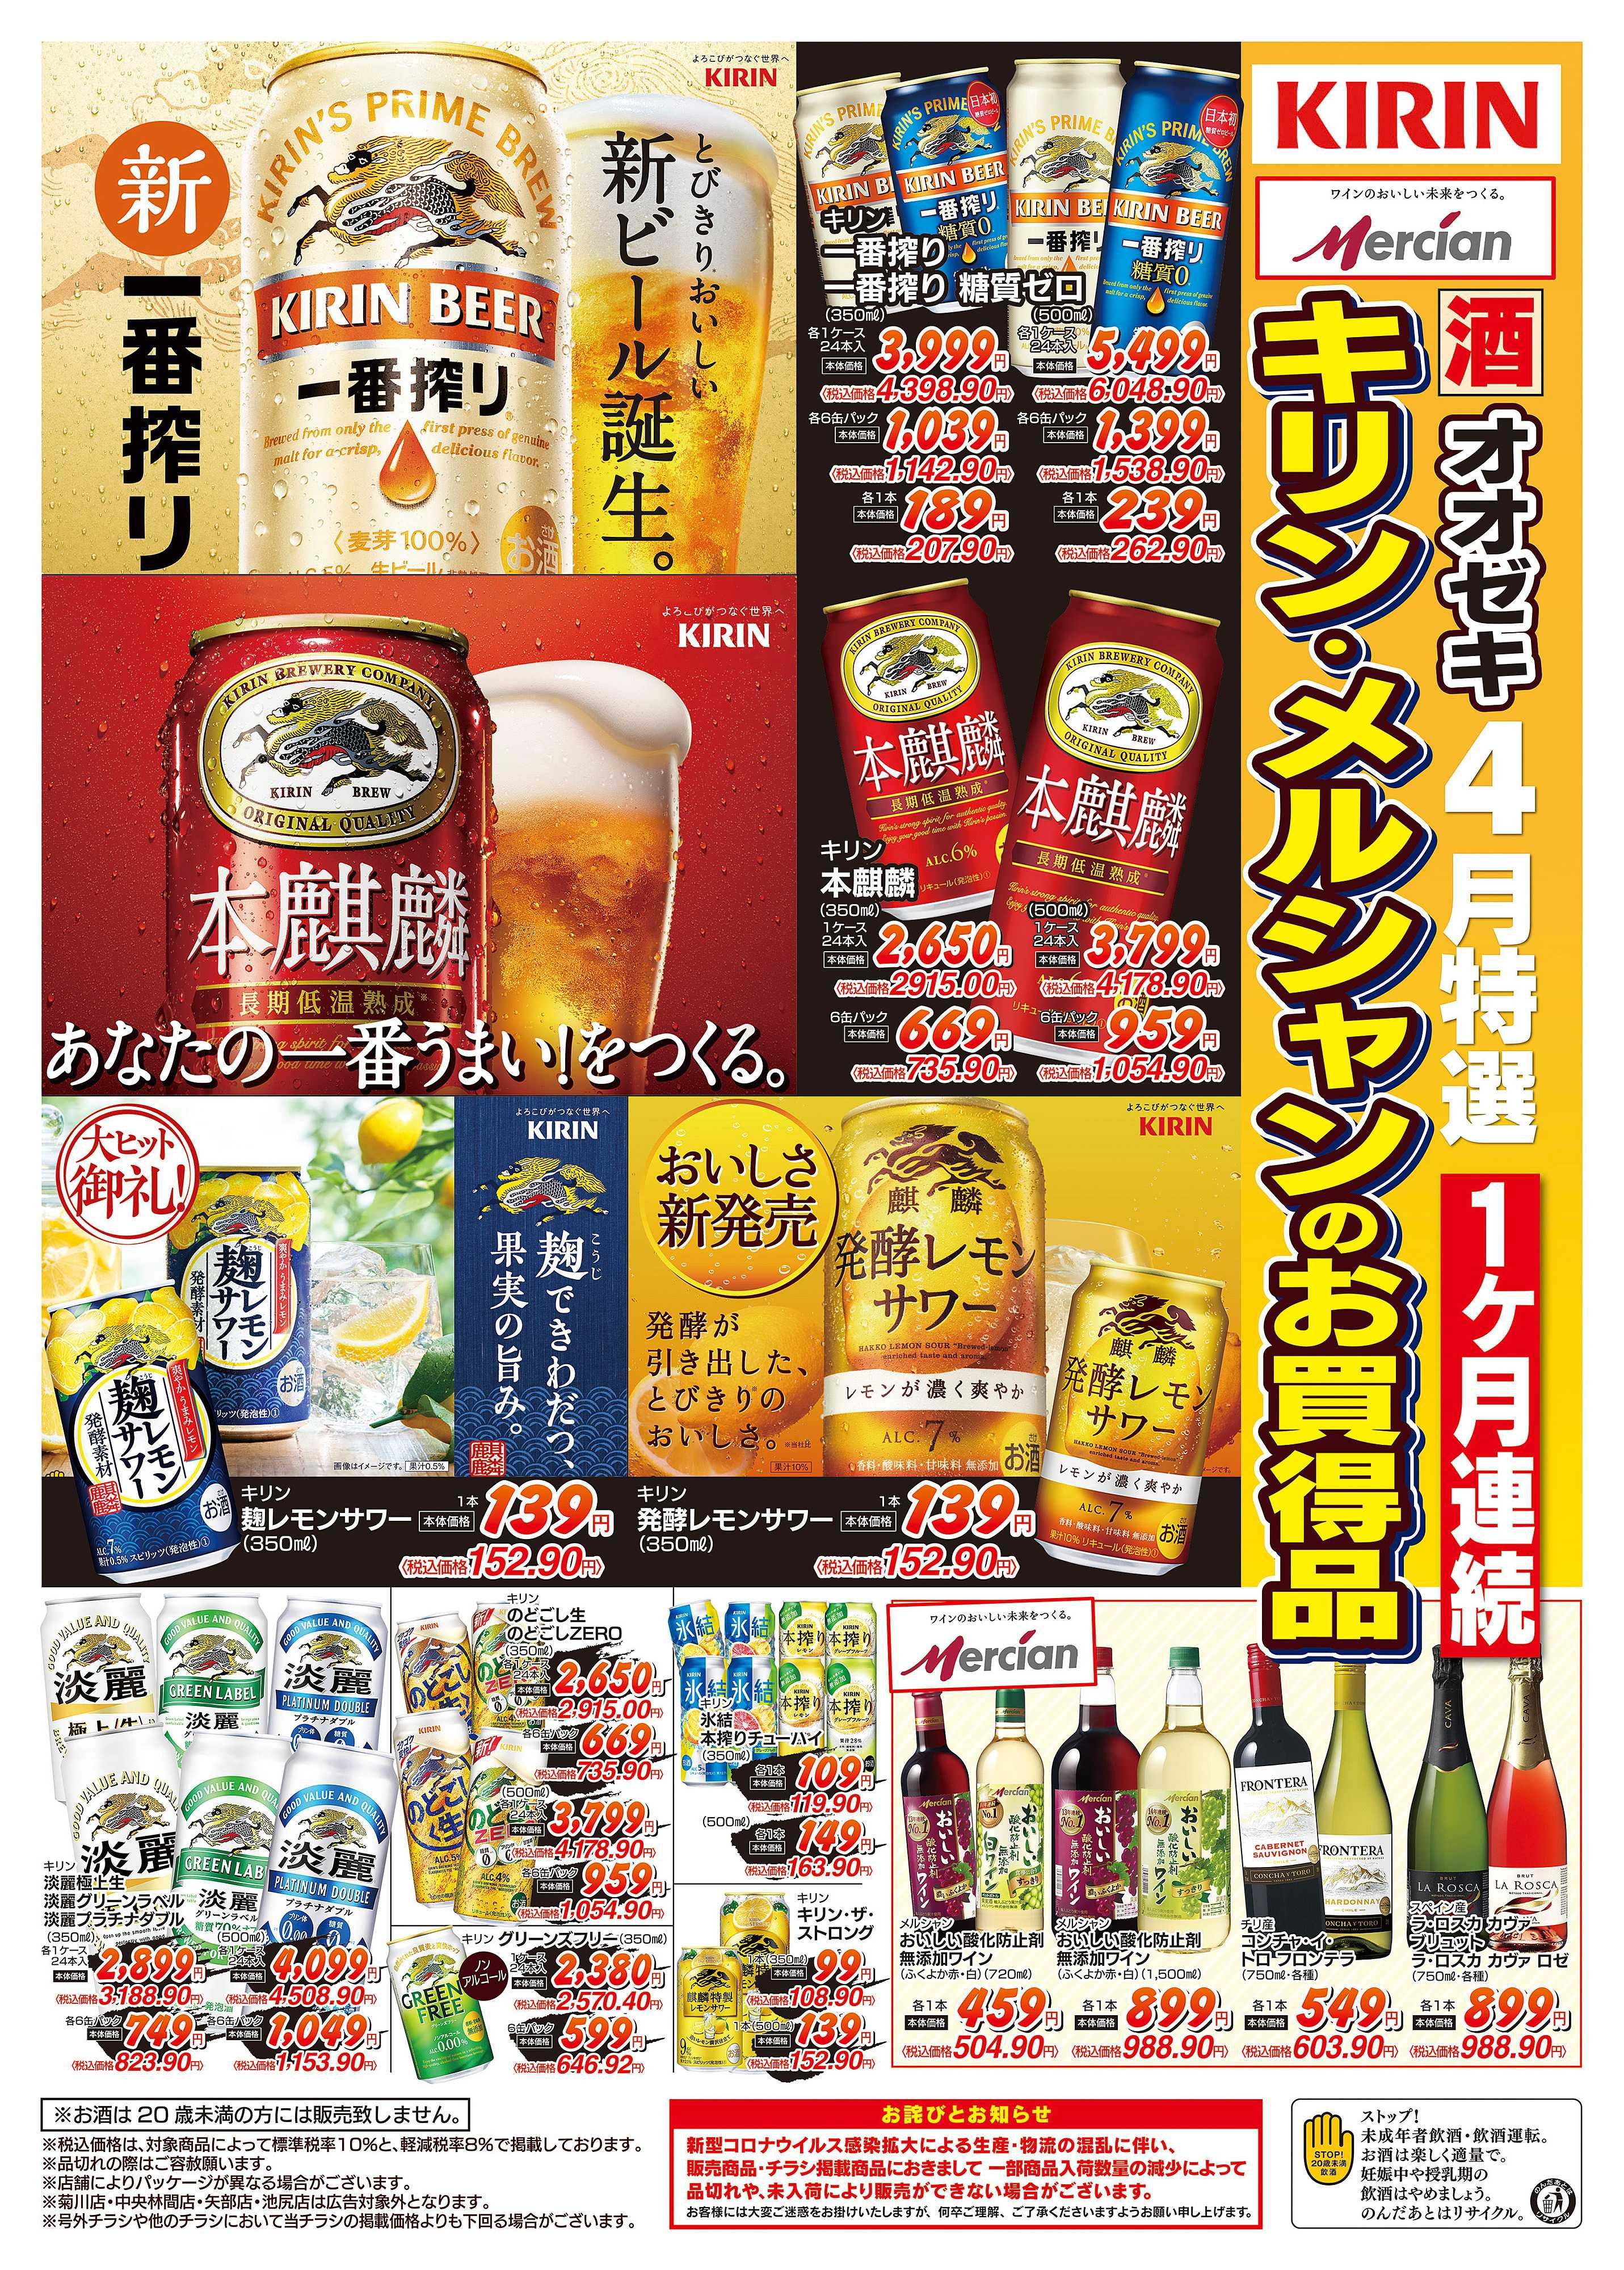 オオゼキ 4月特選 1ヶ月連続 酒 キリン・メルシャンのお買得品